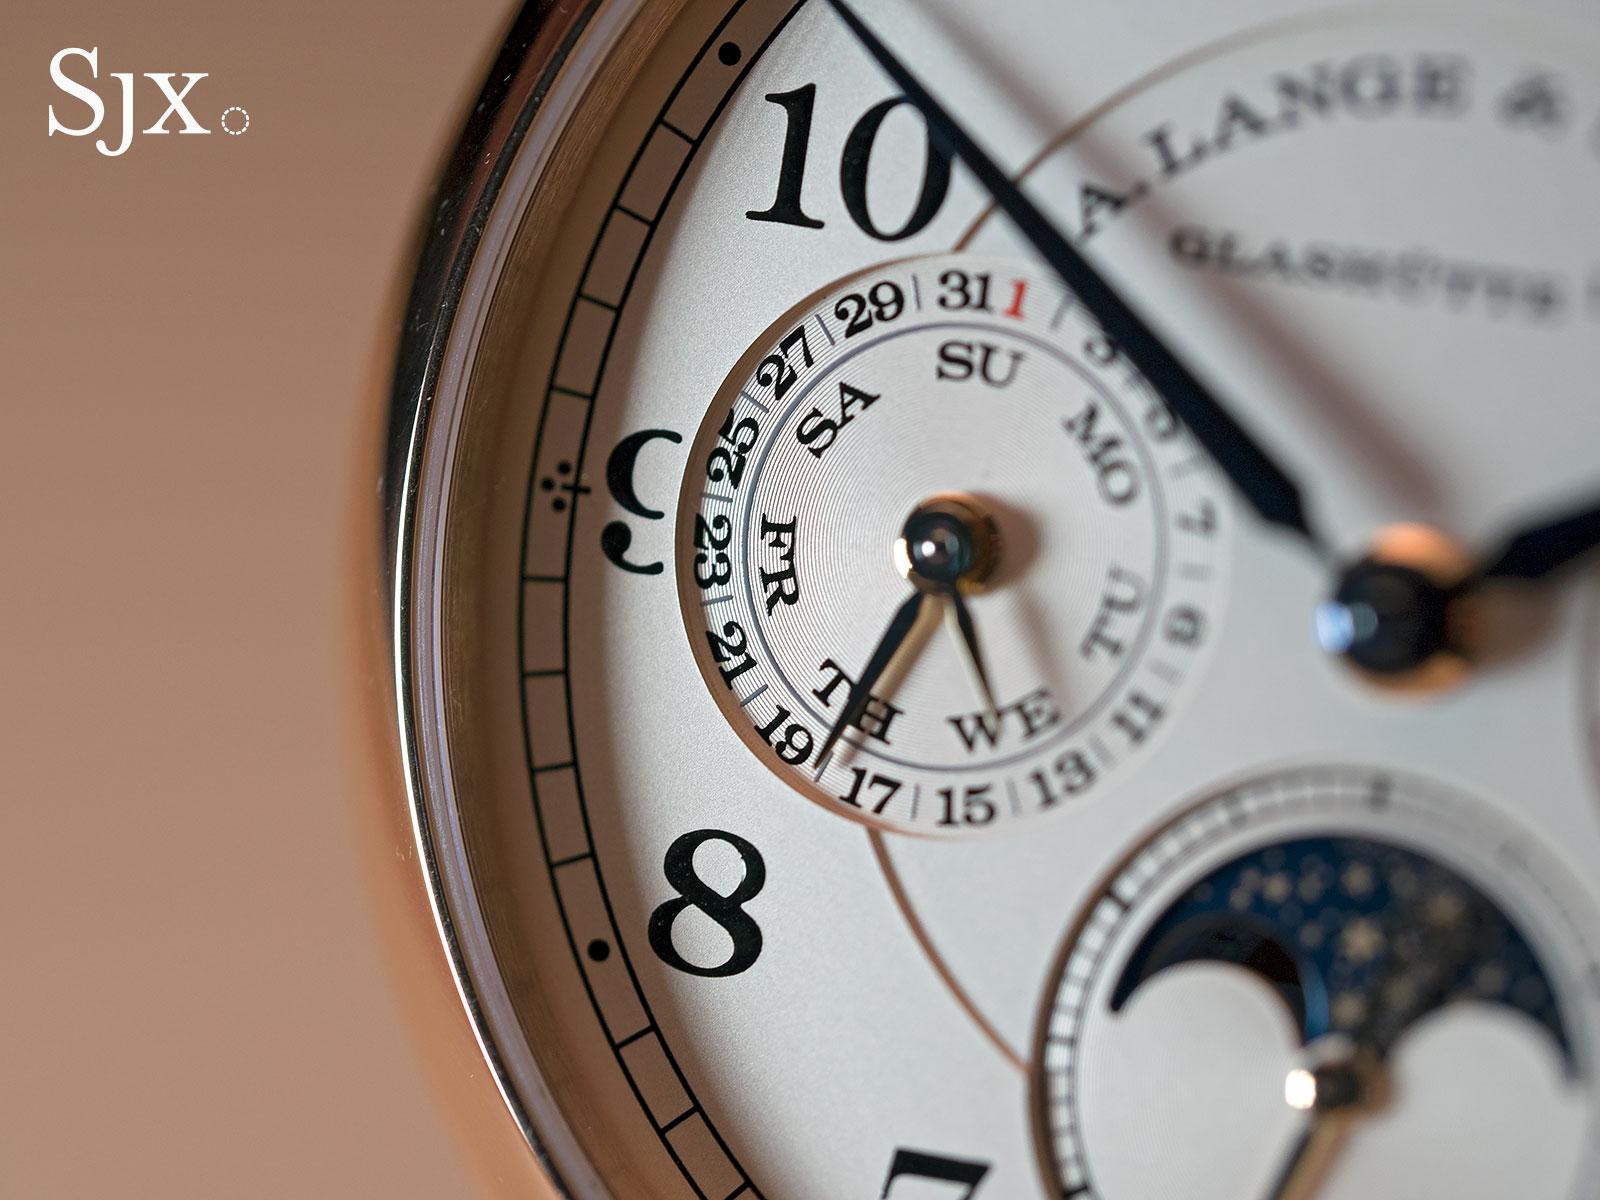 Lange 1815 Annual Calendar white gold 3